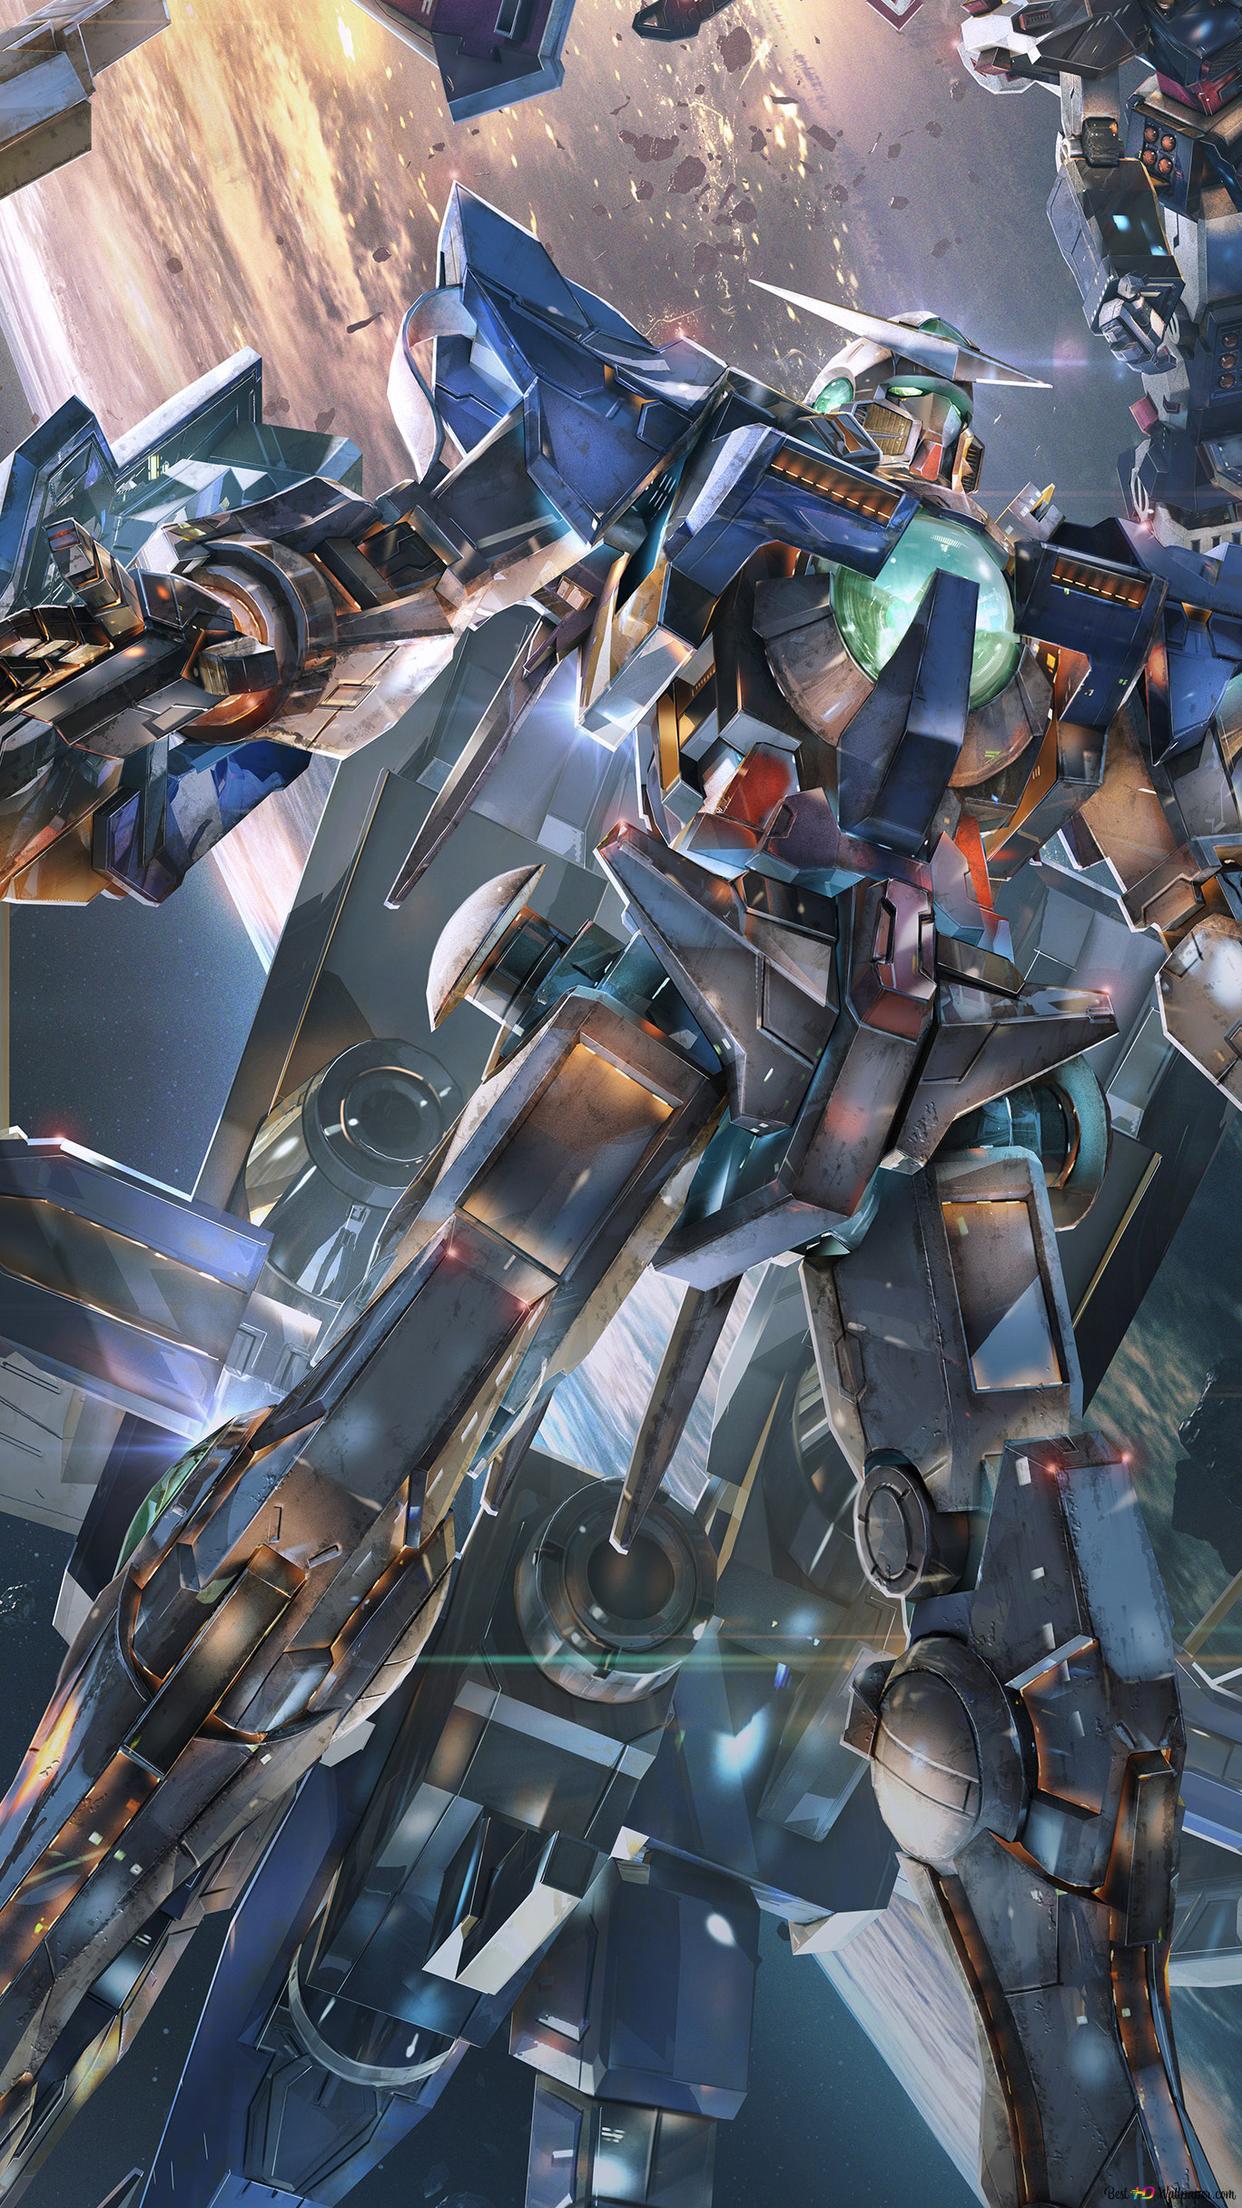 戦争ロボット バーサス機動戦士ガンダム Hd壁紙のダウンロード